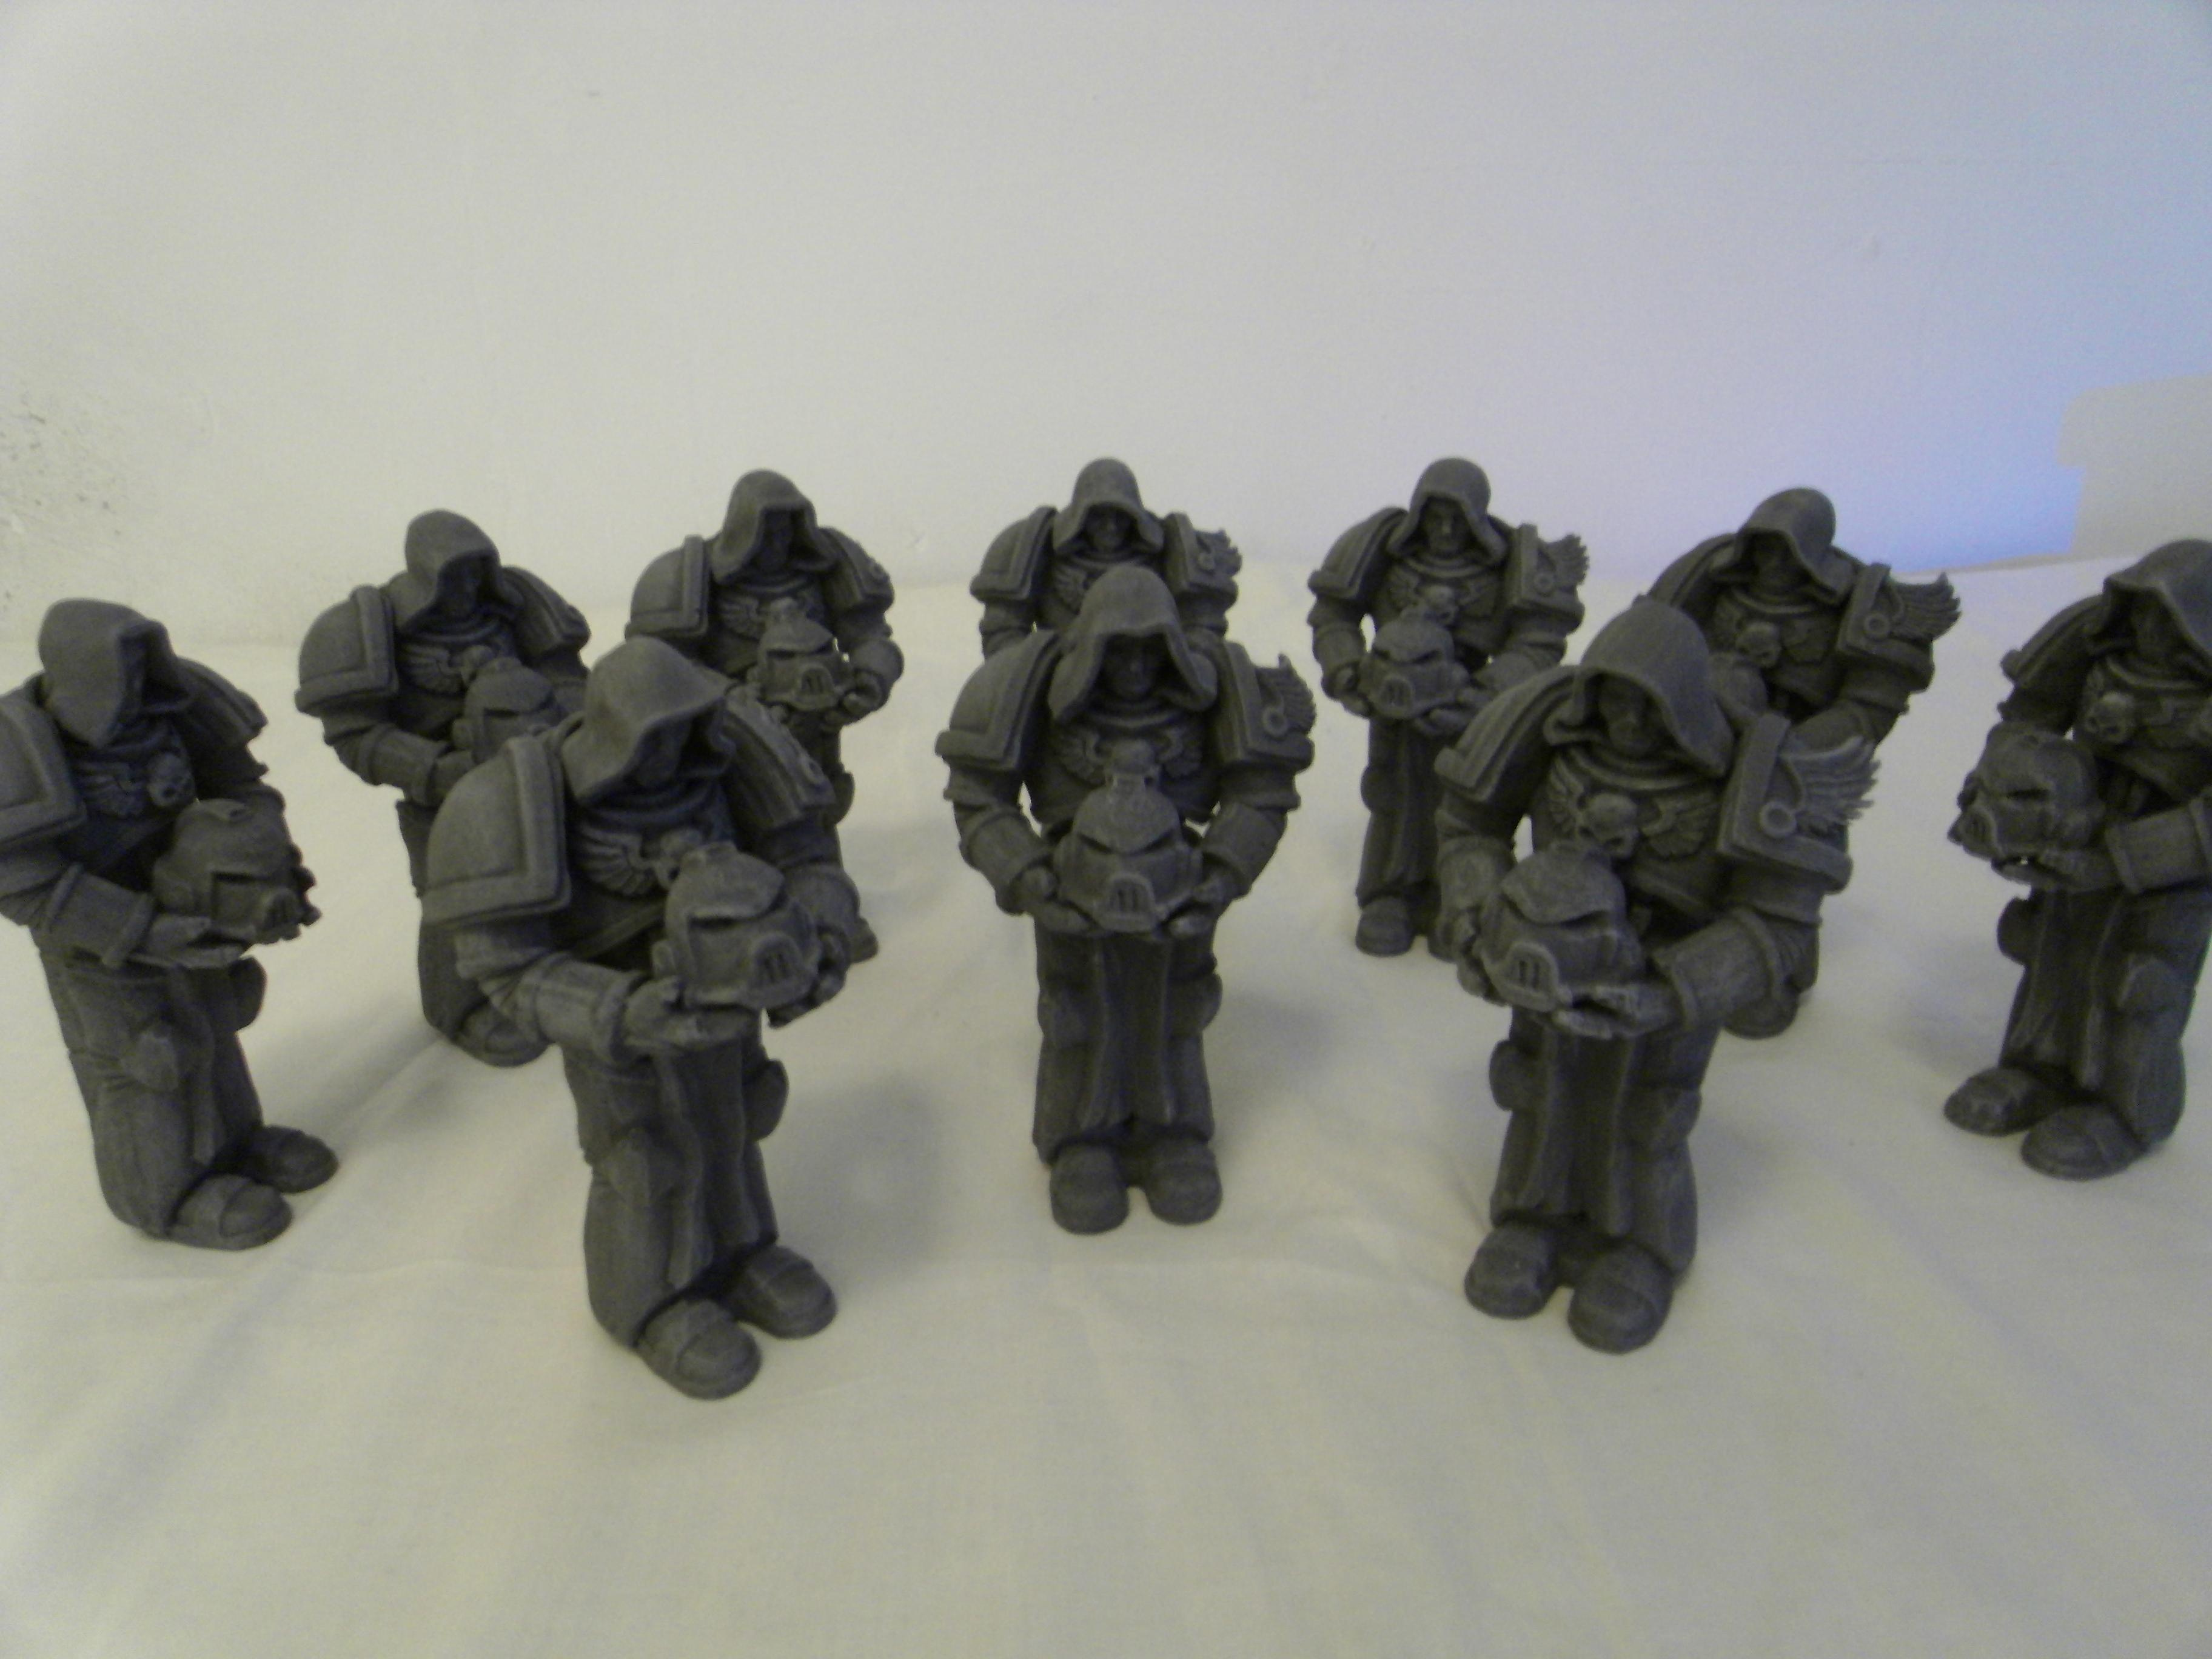 Dark Angels, Hood, Sculpting, Space Marines, Statue